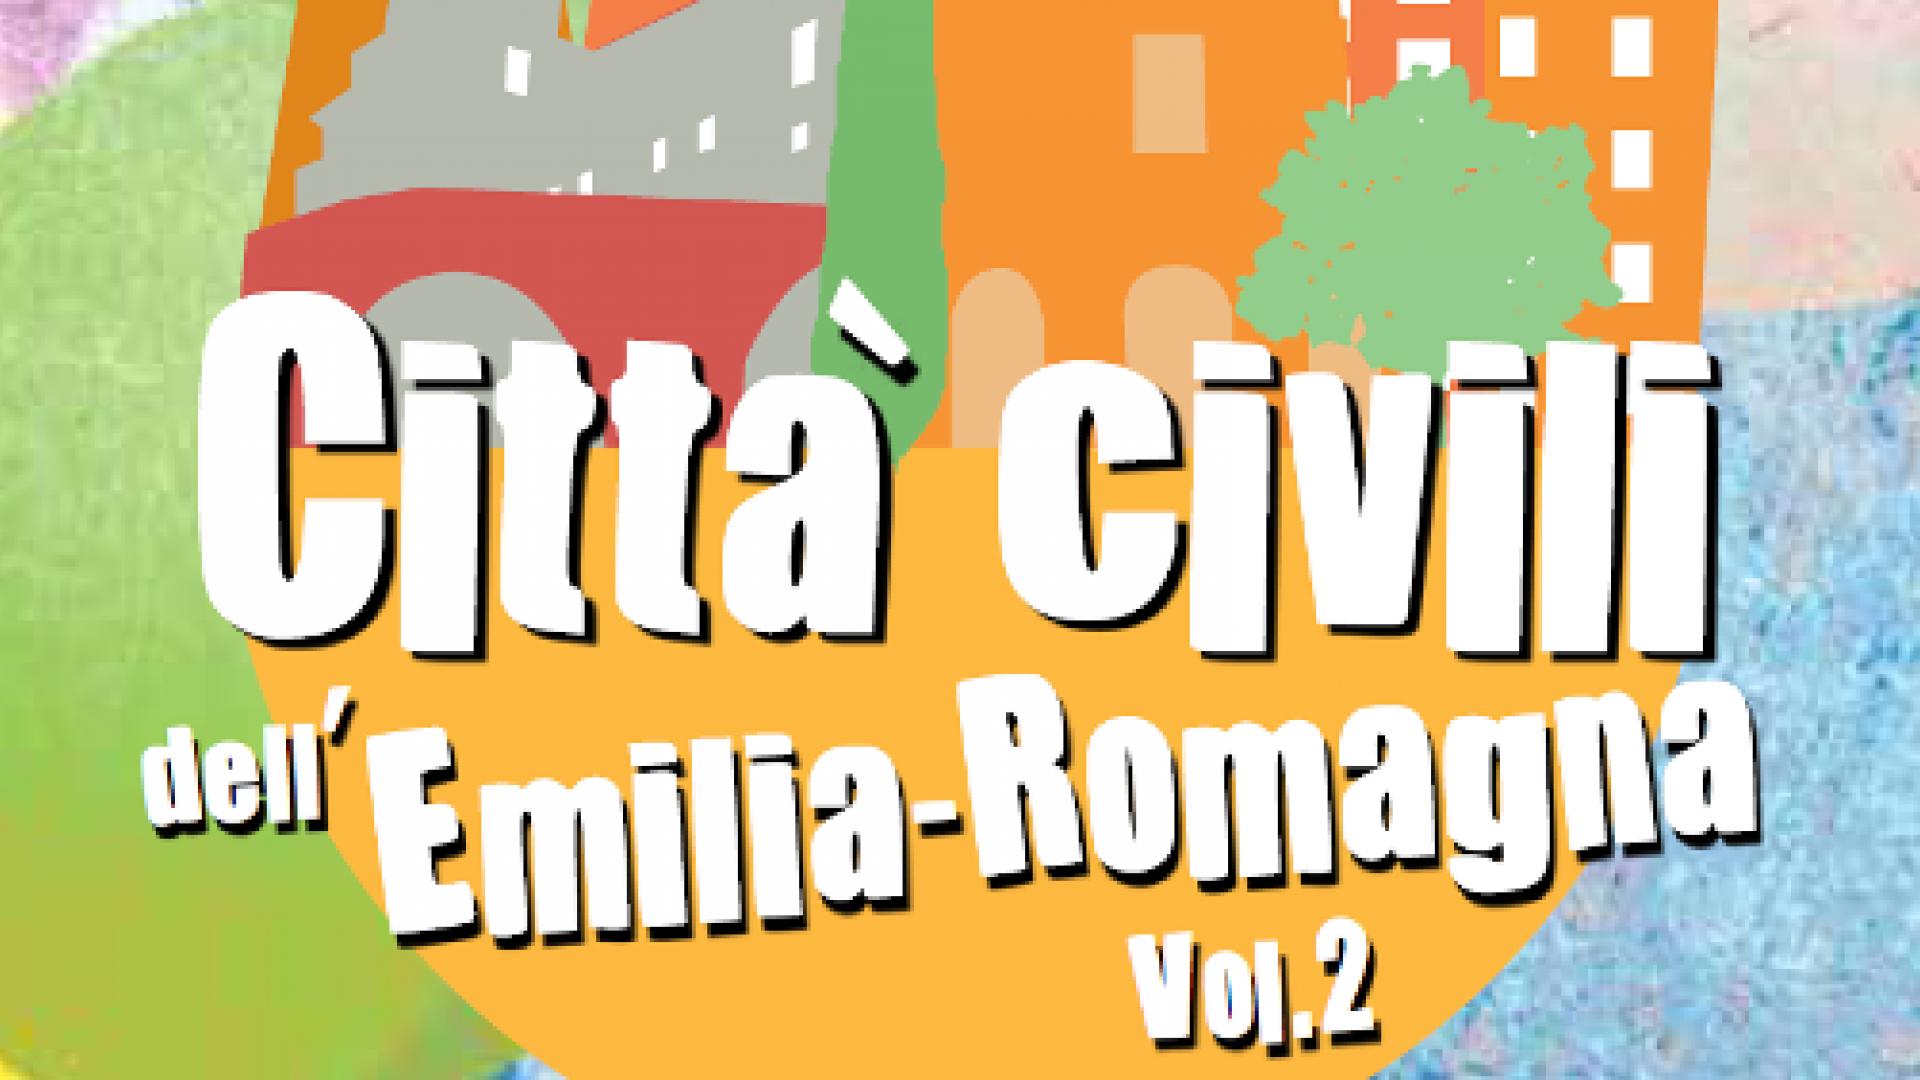 ddf313e374 È uscita in versione digitale la pubblicazione che fa una fotografia aggiornata  delle pratiche green society dell'Emilia-Romagna, tra cittadinanza attiva e  ...